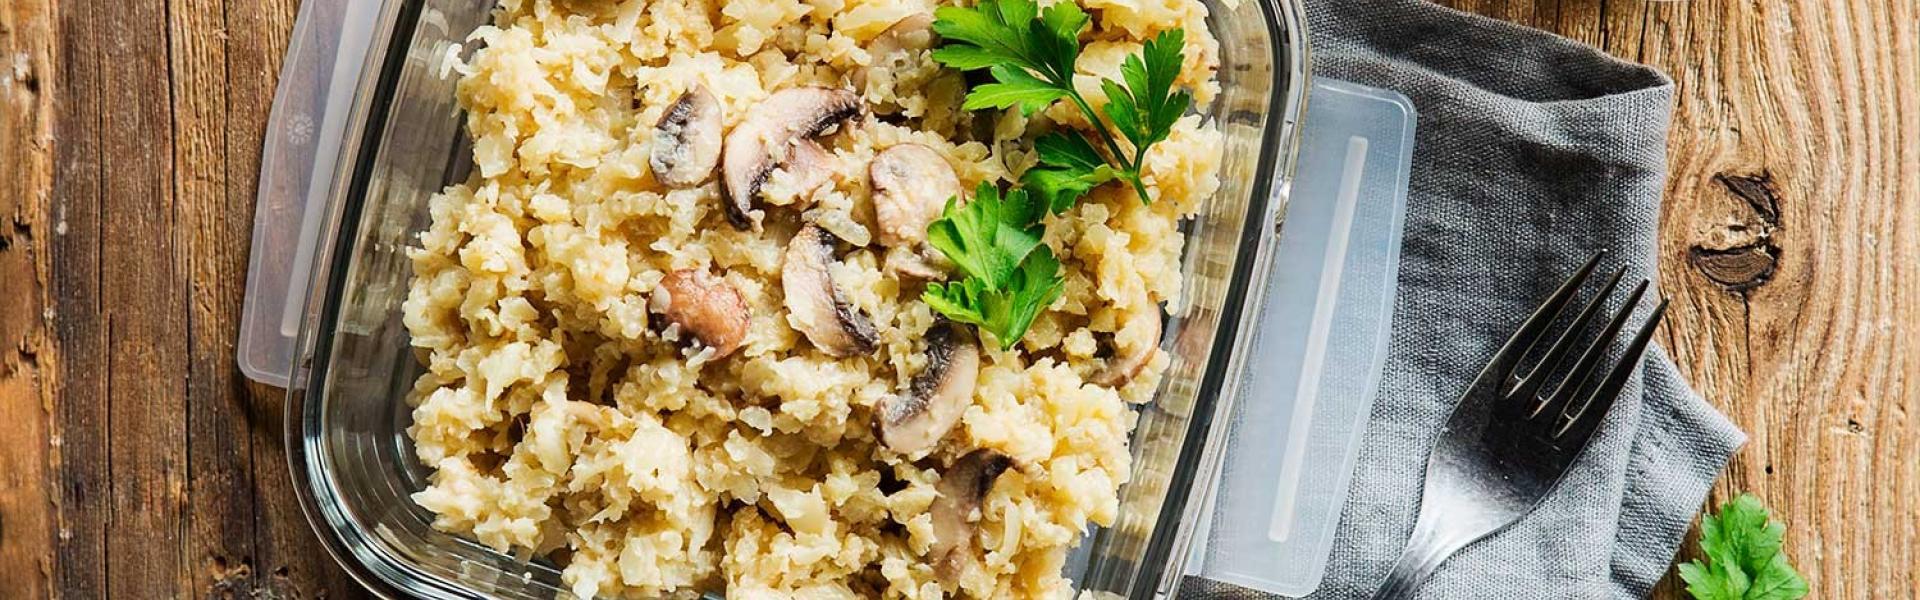 Blumenrohl-Risotto Meal Prep Low Carb in einer Dose auf einem Tisch.